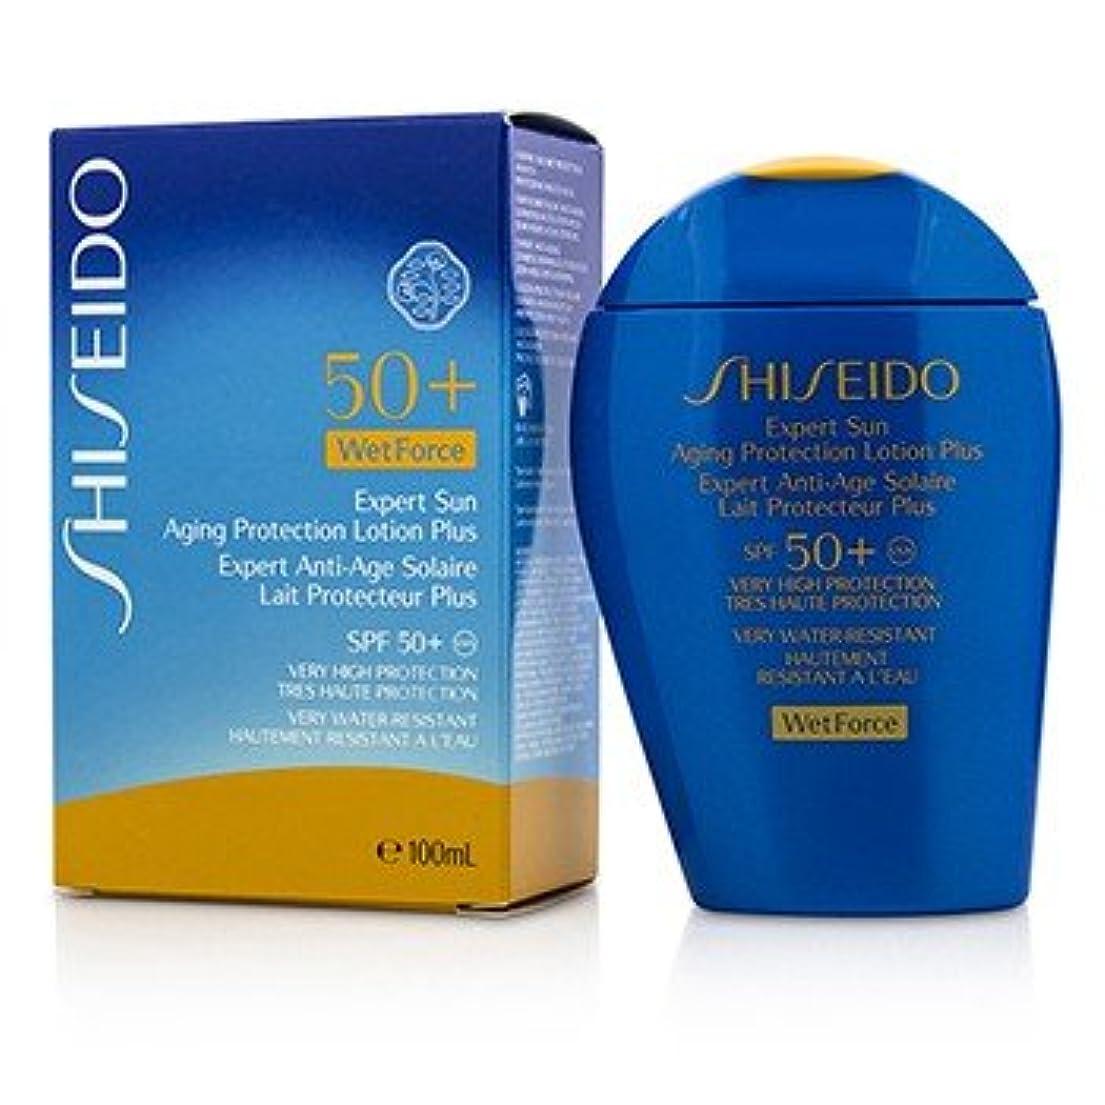 オーチャードディスコディンカルビル[Shiseido] Expert Sun Aging Protection Lotion Plus WetForce For Face & Body SPF 50+ 100ml/3.4oz